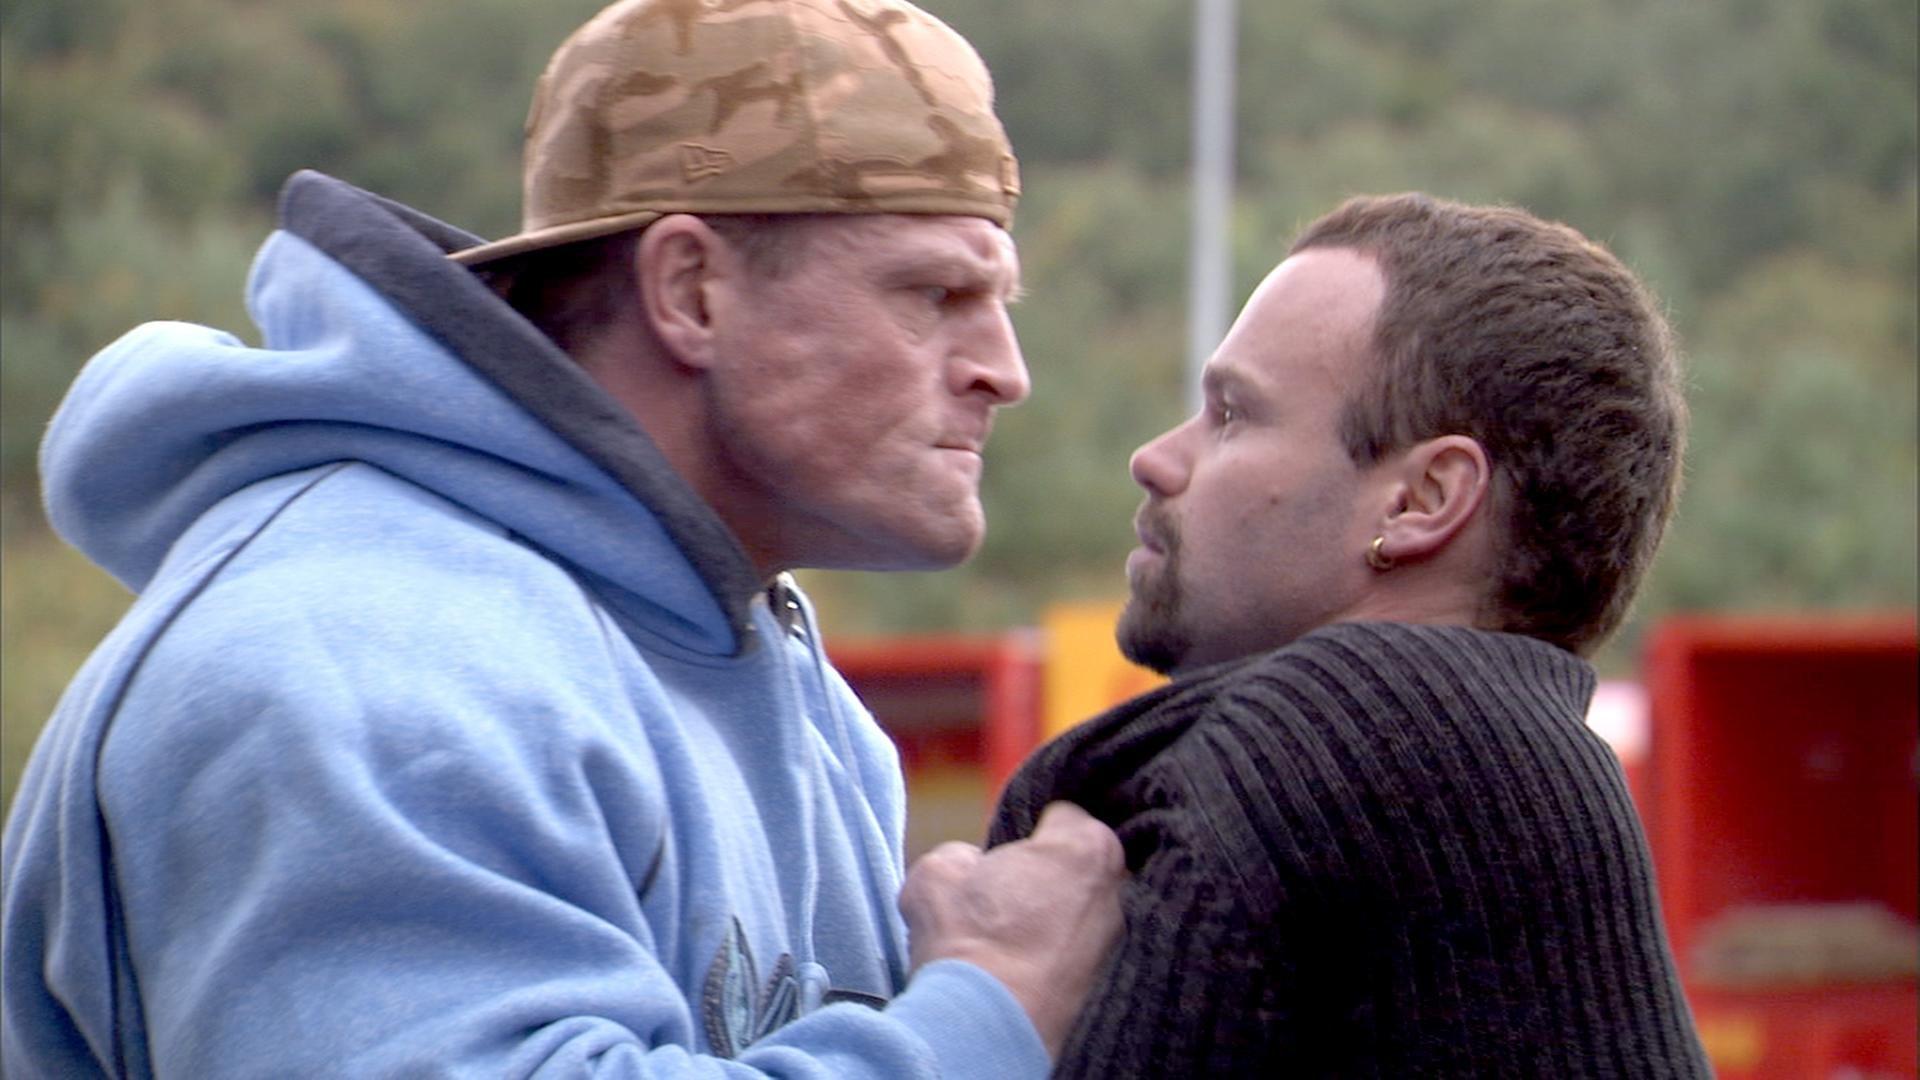 Mick Øgendahl and Kim Kold in Blå mænd (2008)